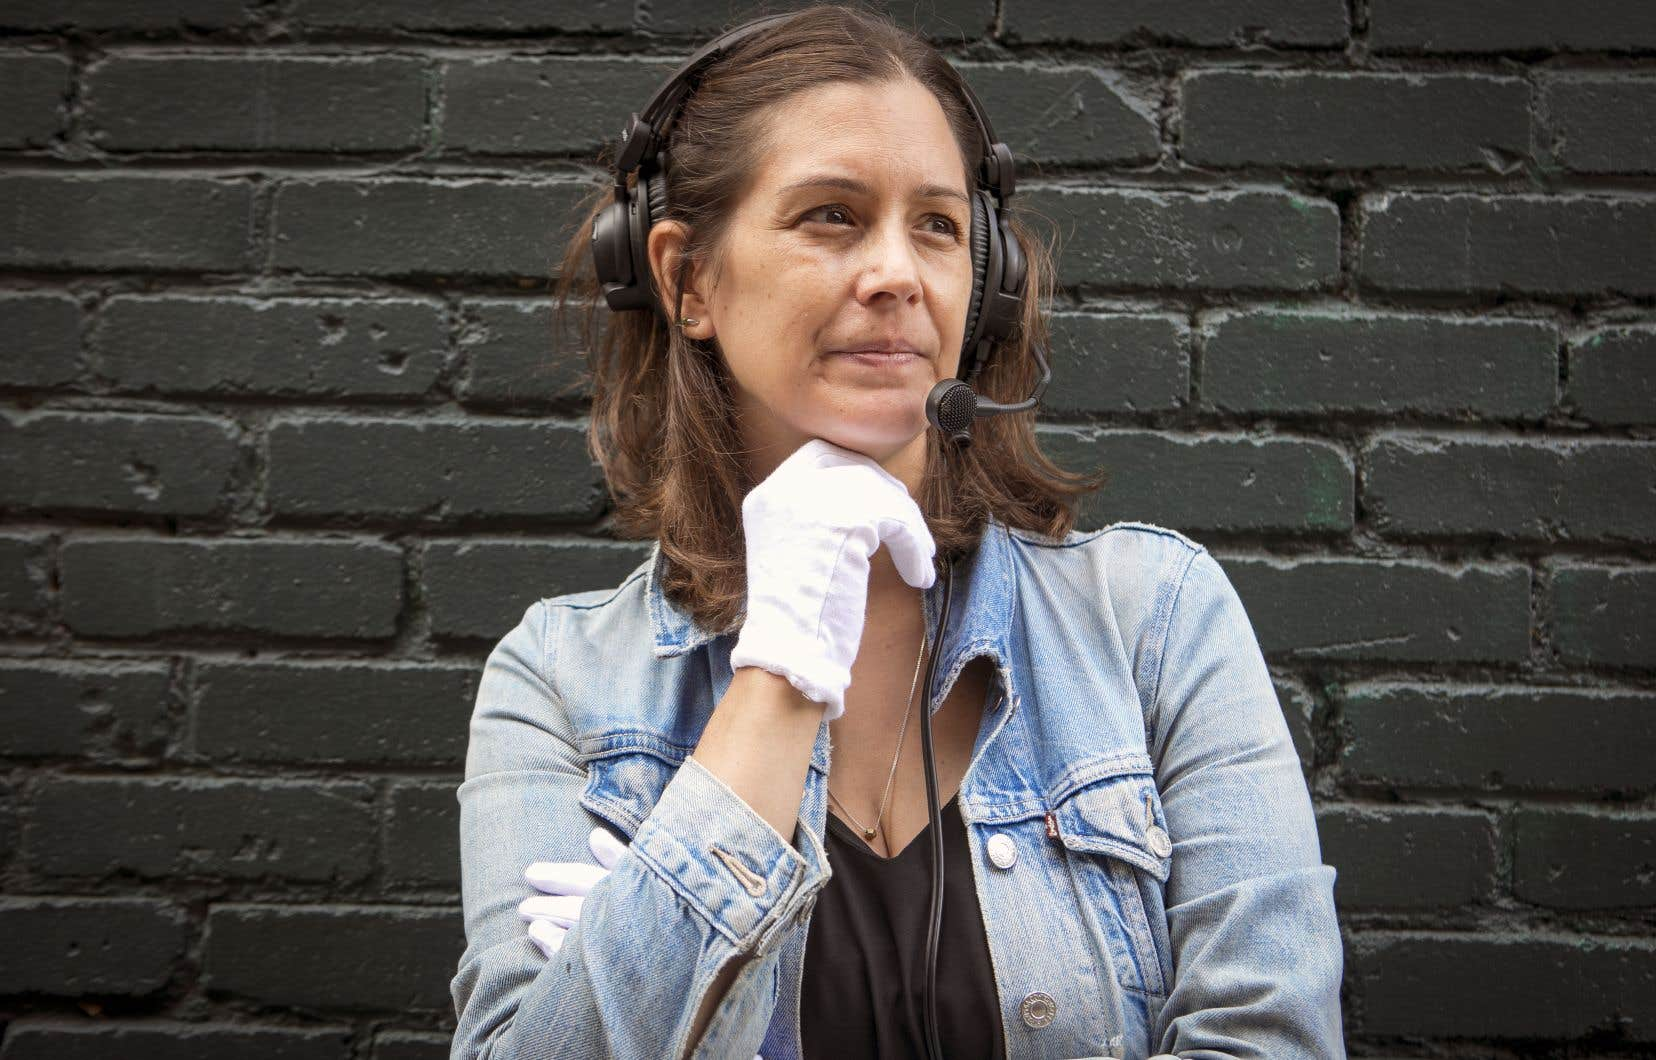 Jacinthe Robillard travaille avec des gants blancs. C'est sa marque de commerce. «C'est une technique qui était enseignée à l'époque, mais que plus personne ne pratiquait dans le métier. Un jour, sur un plateau, l'animatrice ne voyait pas mes signes à cause du décor, de couleur beige. Comme je fais aussi de la photo, j'ai toujours une paire de gants blancs dans mon sac; après les avoir mis, l'animatrice voyait clairement tous les signes que je lui faisais!»